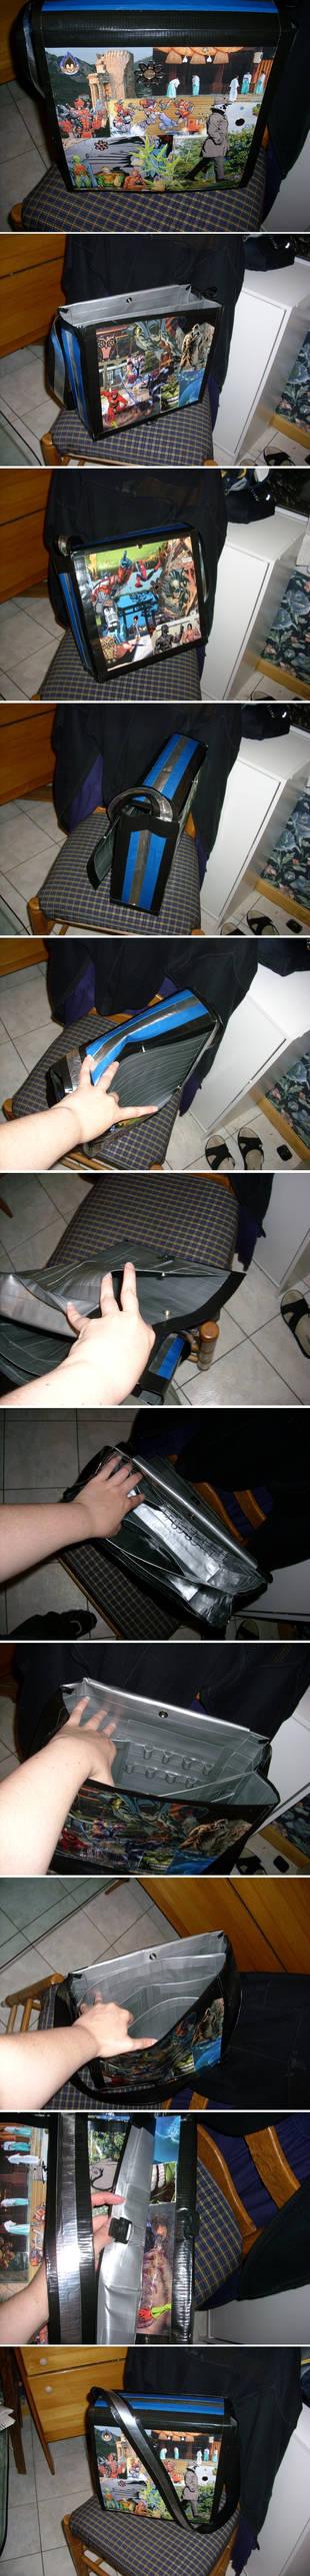 Ellen's duct tape bag